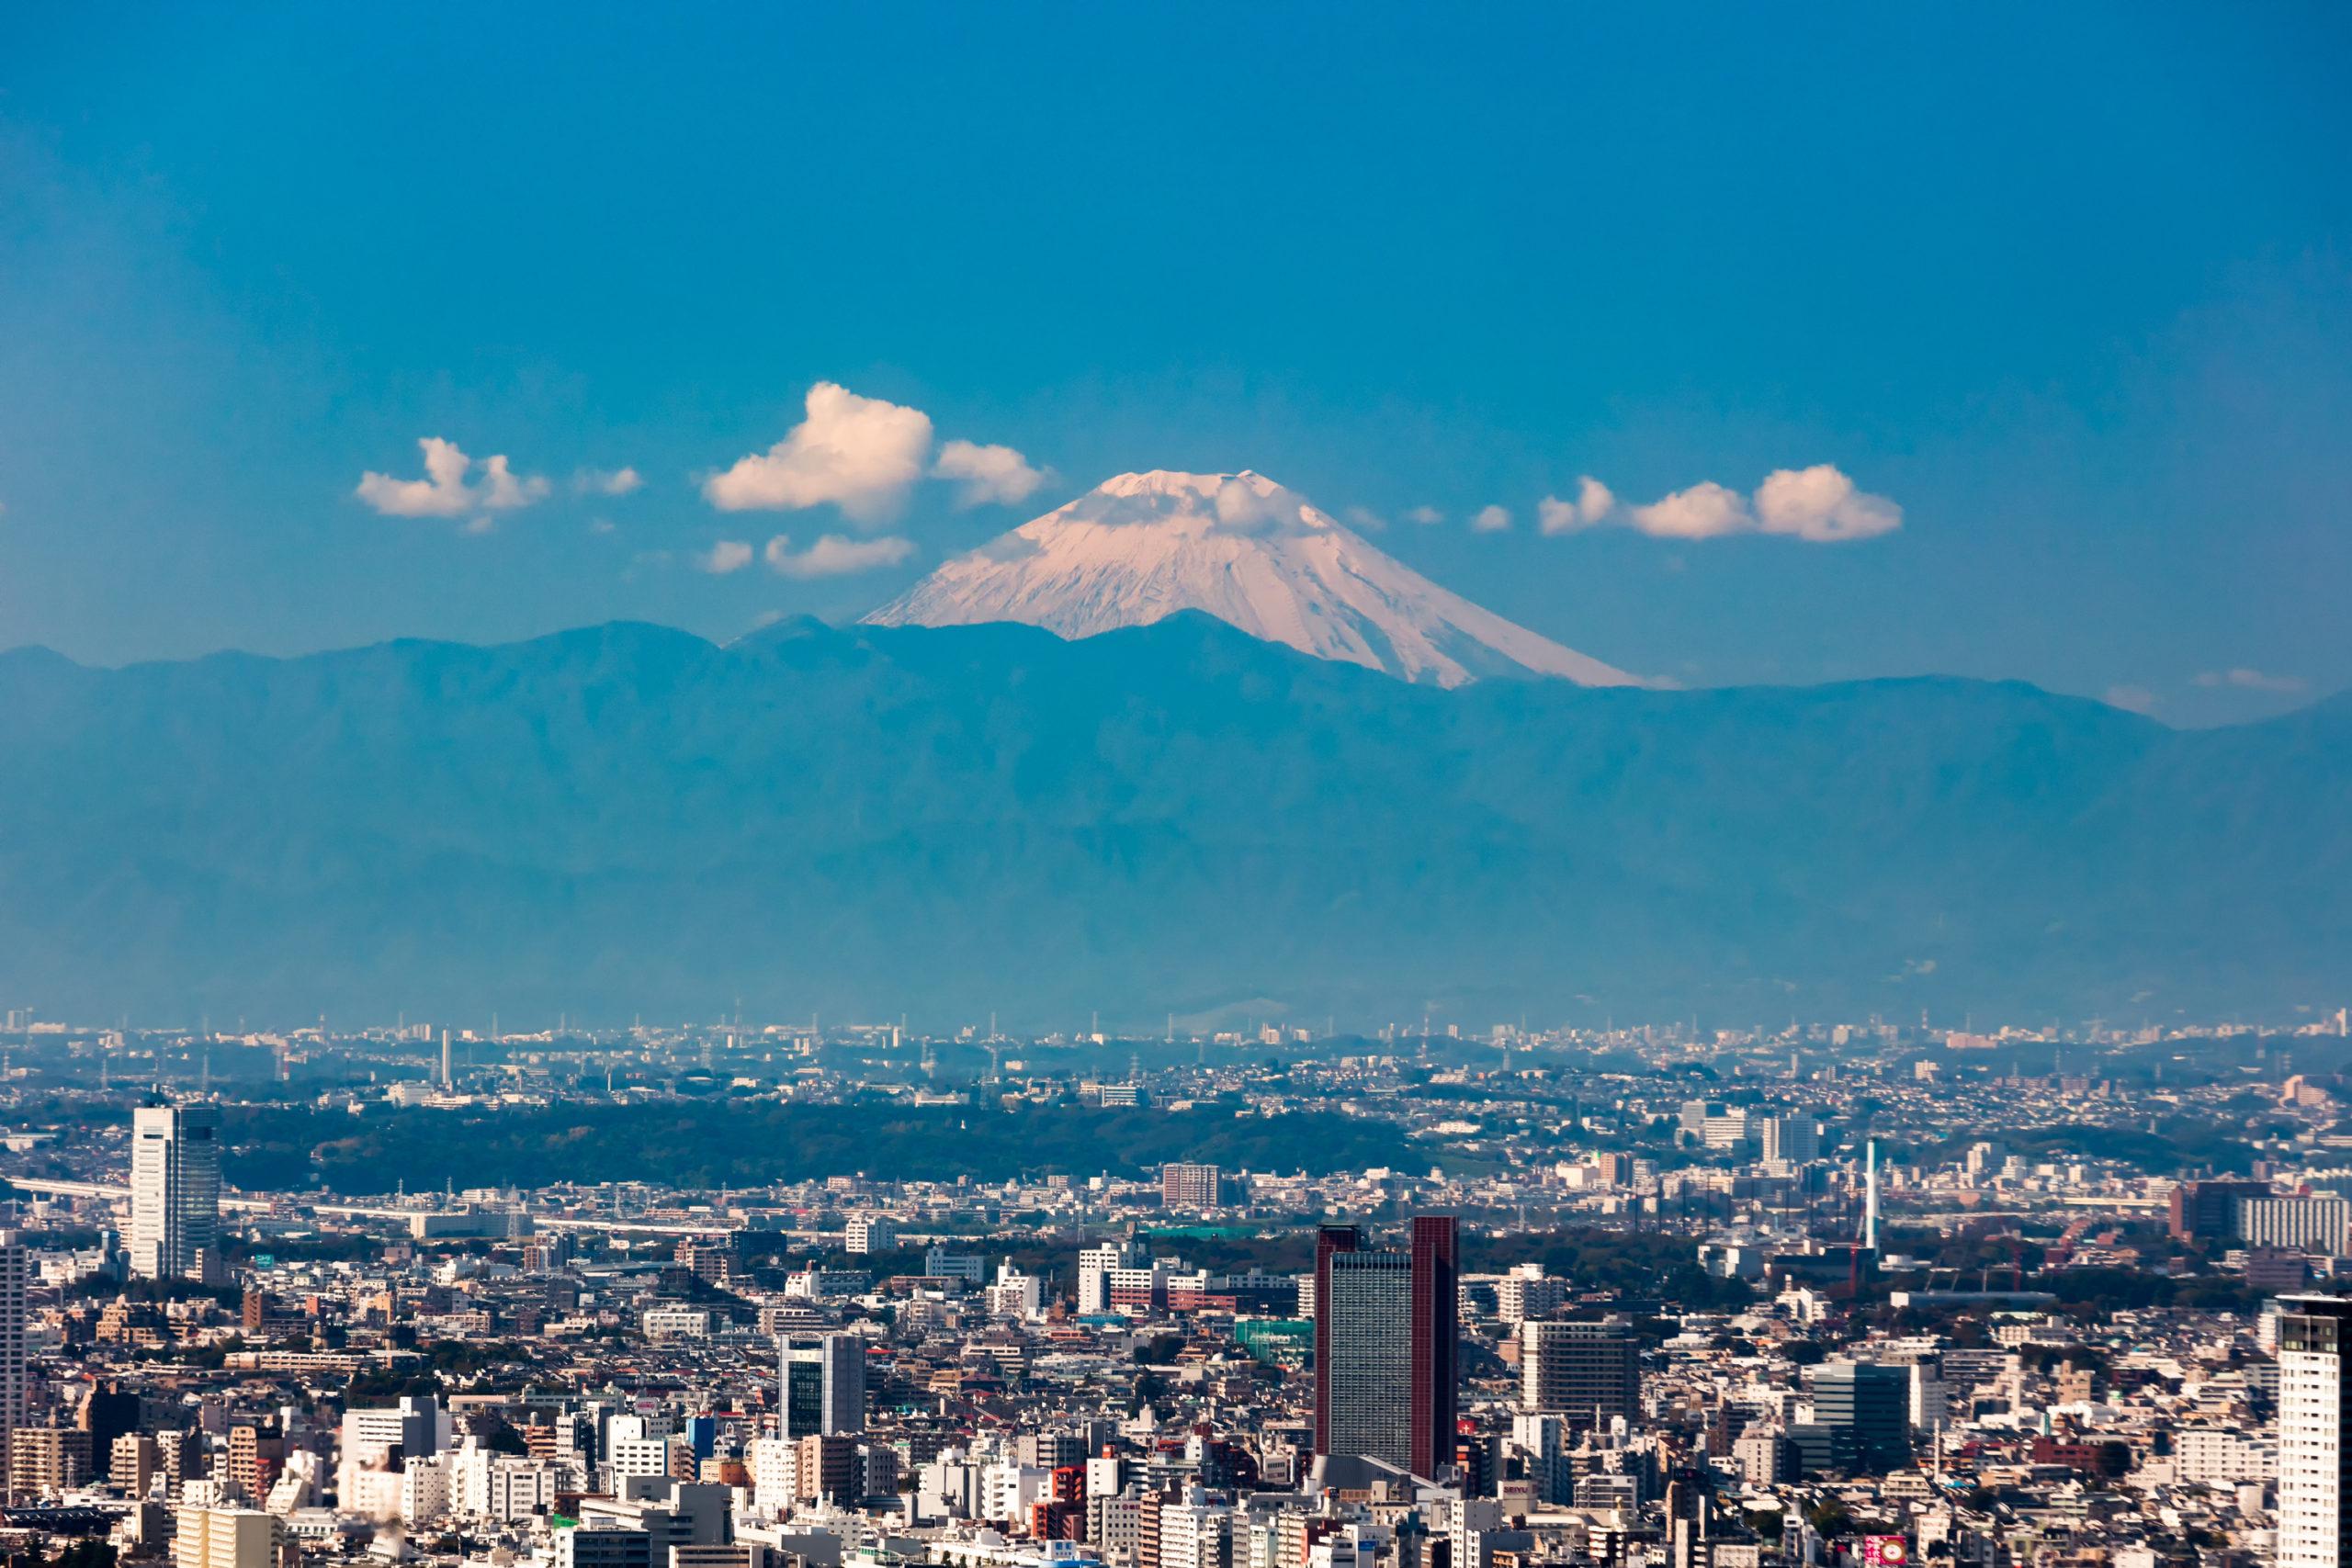 2021お正月は六本木ヒルズ展望台 東京シティビューの「着物 DE 無料スカイデッキ」で(六本木)